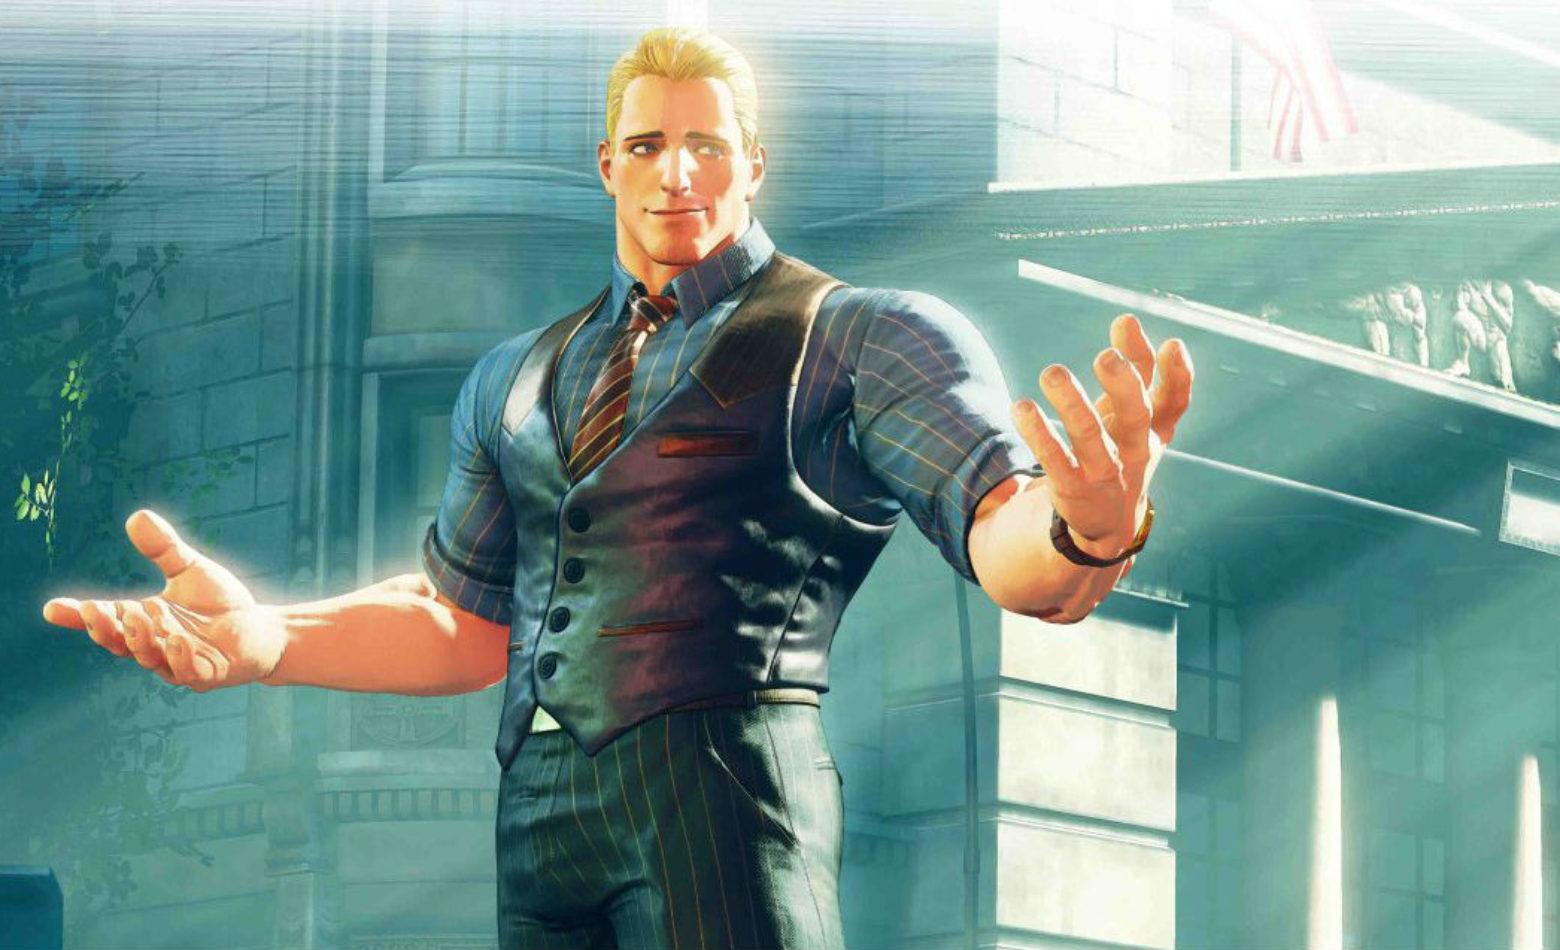 Cody e o capricho seletivo em Street Fighter 5